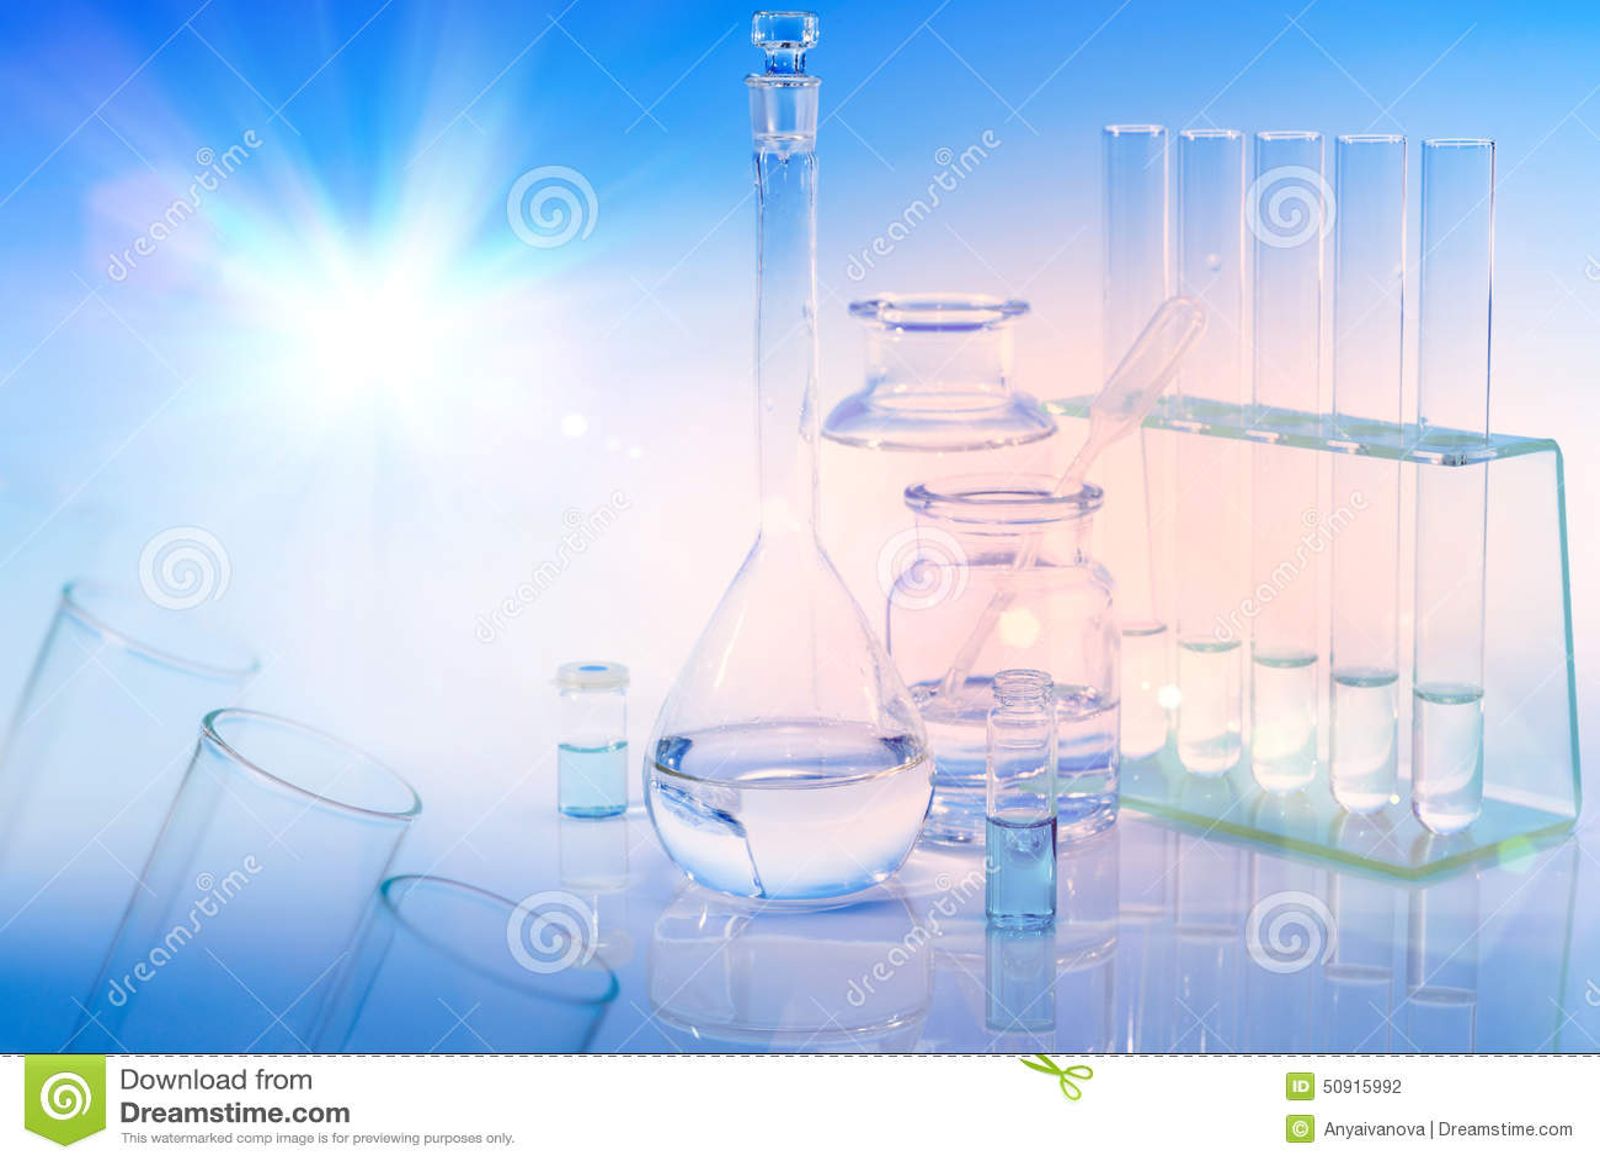 Fond scientifique avec le verre, le flacon et les tubes chimiques